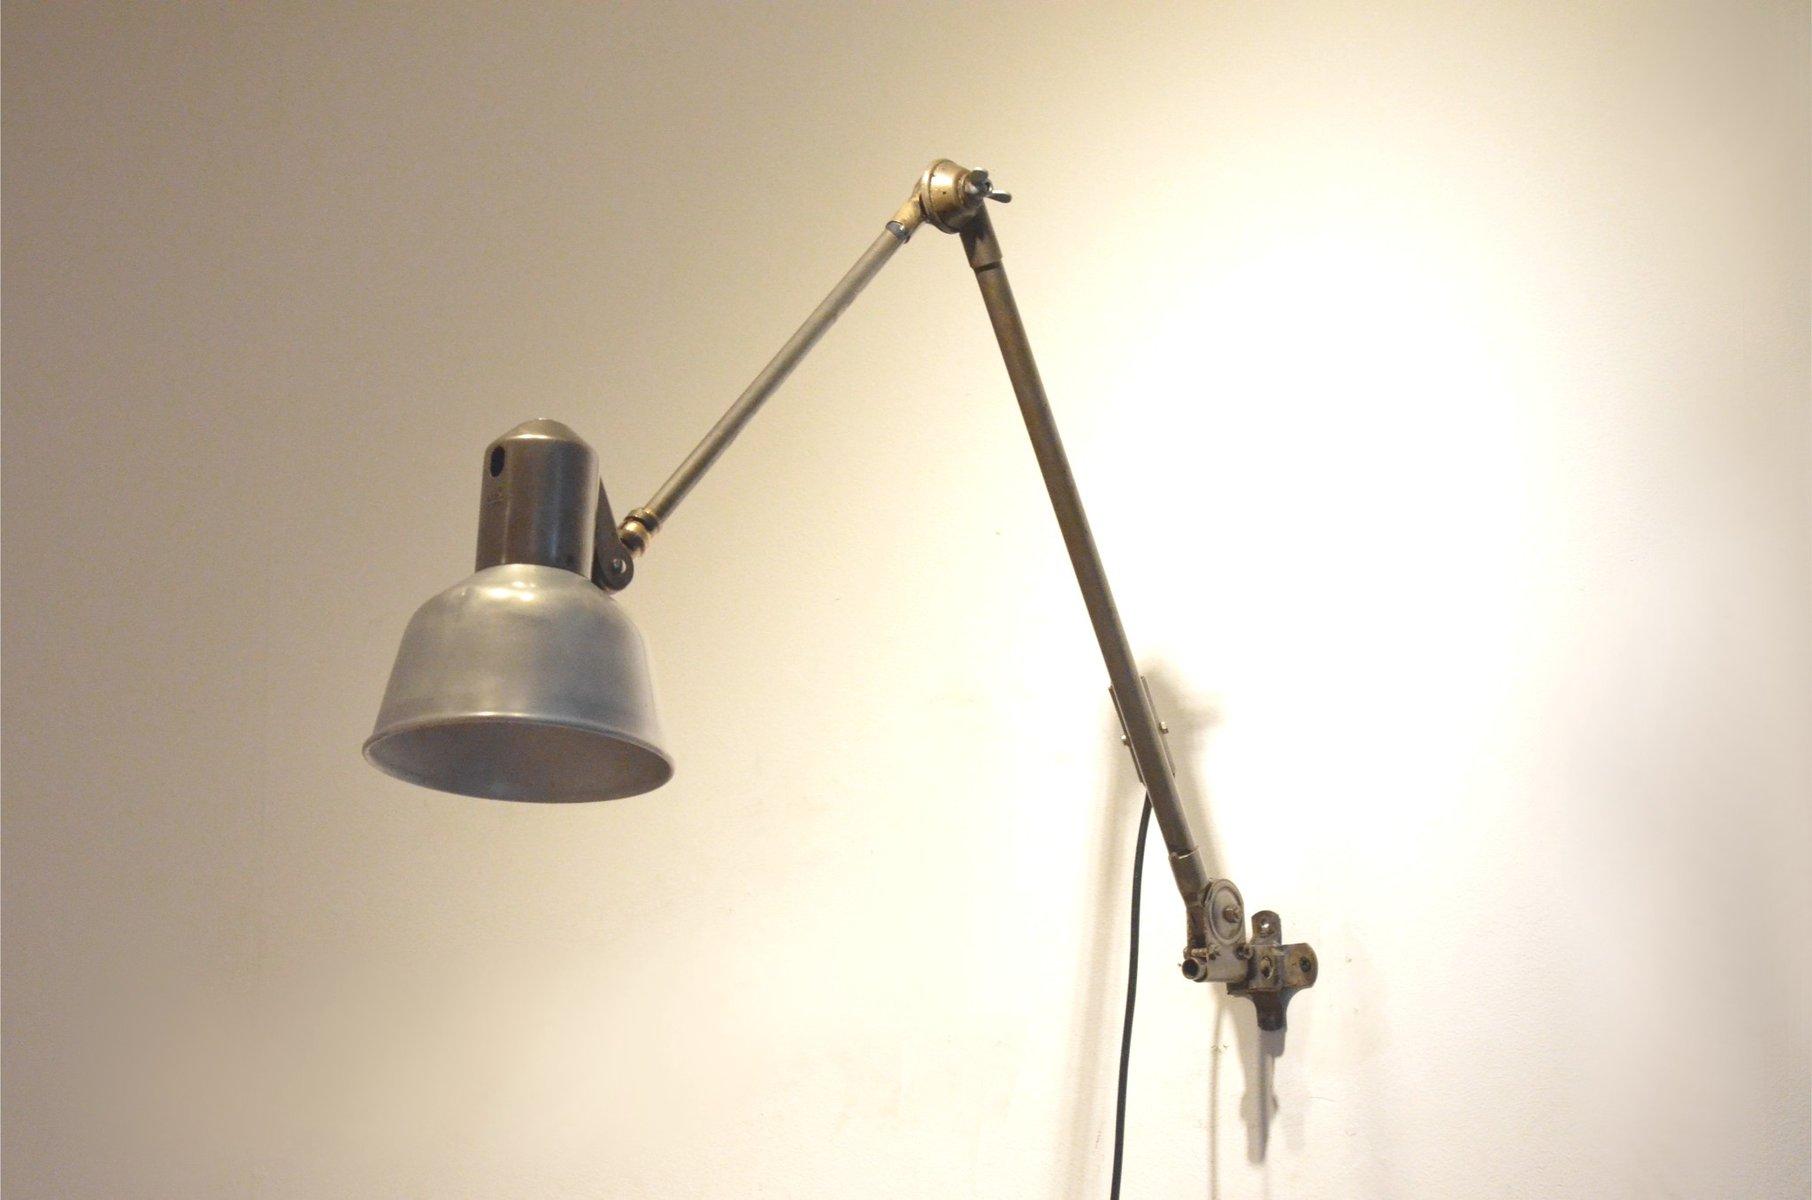 lampe articul e industrielle vintage avec bras en m tal de. Black Bedroom Furniture Sets. Home Design Ideas